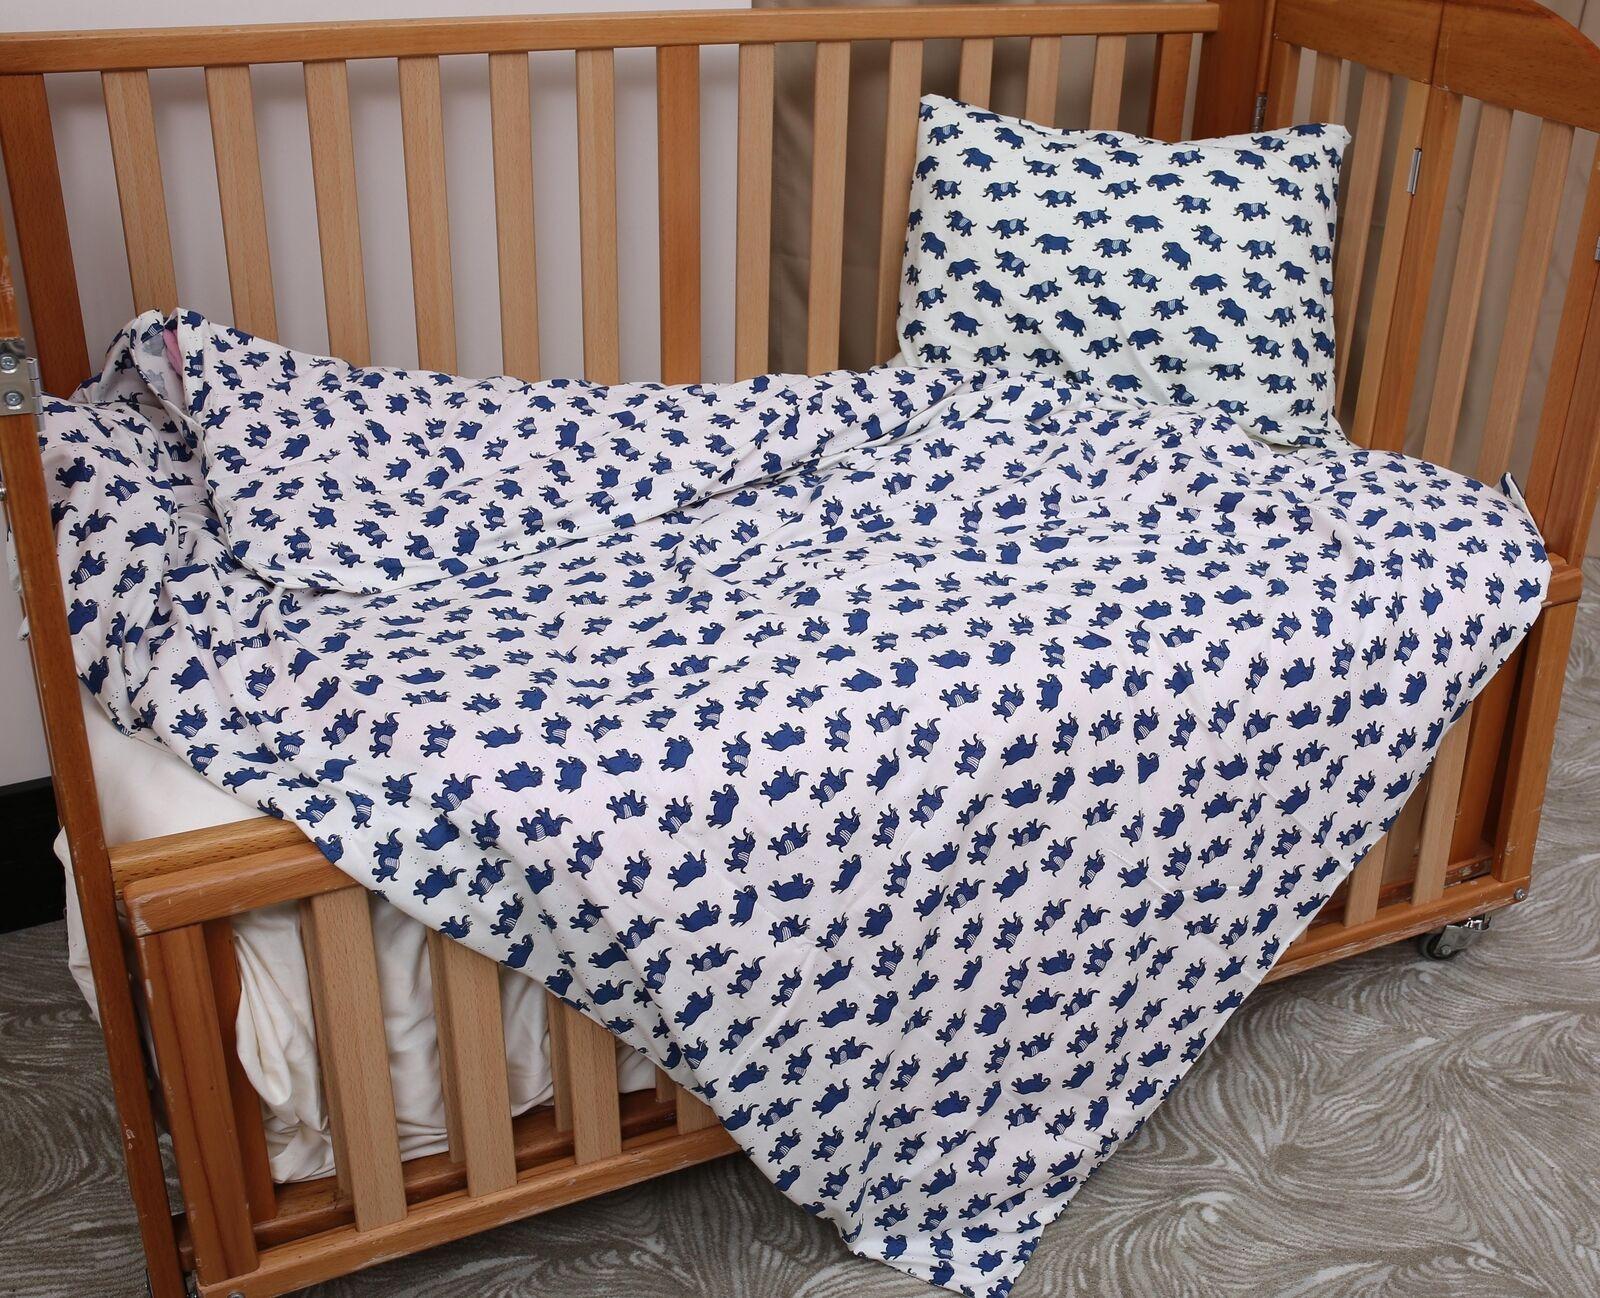 2Tlg. Baby Bettwäsche Bio-Baumwolle GOTS Bettwäsche Kinderbettwäsche 100x135cm